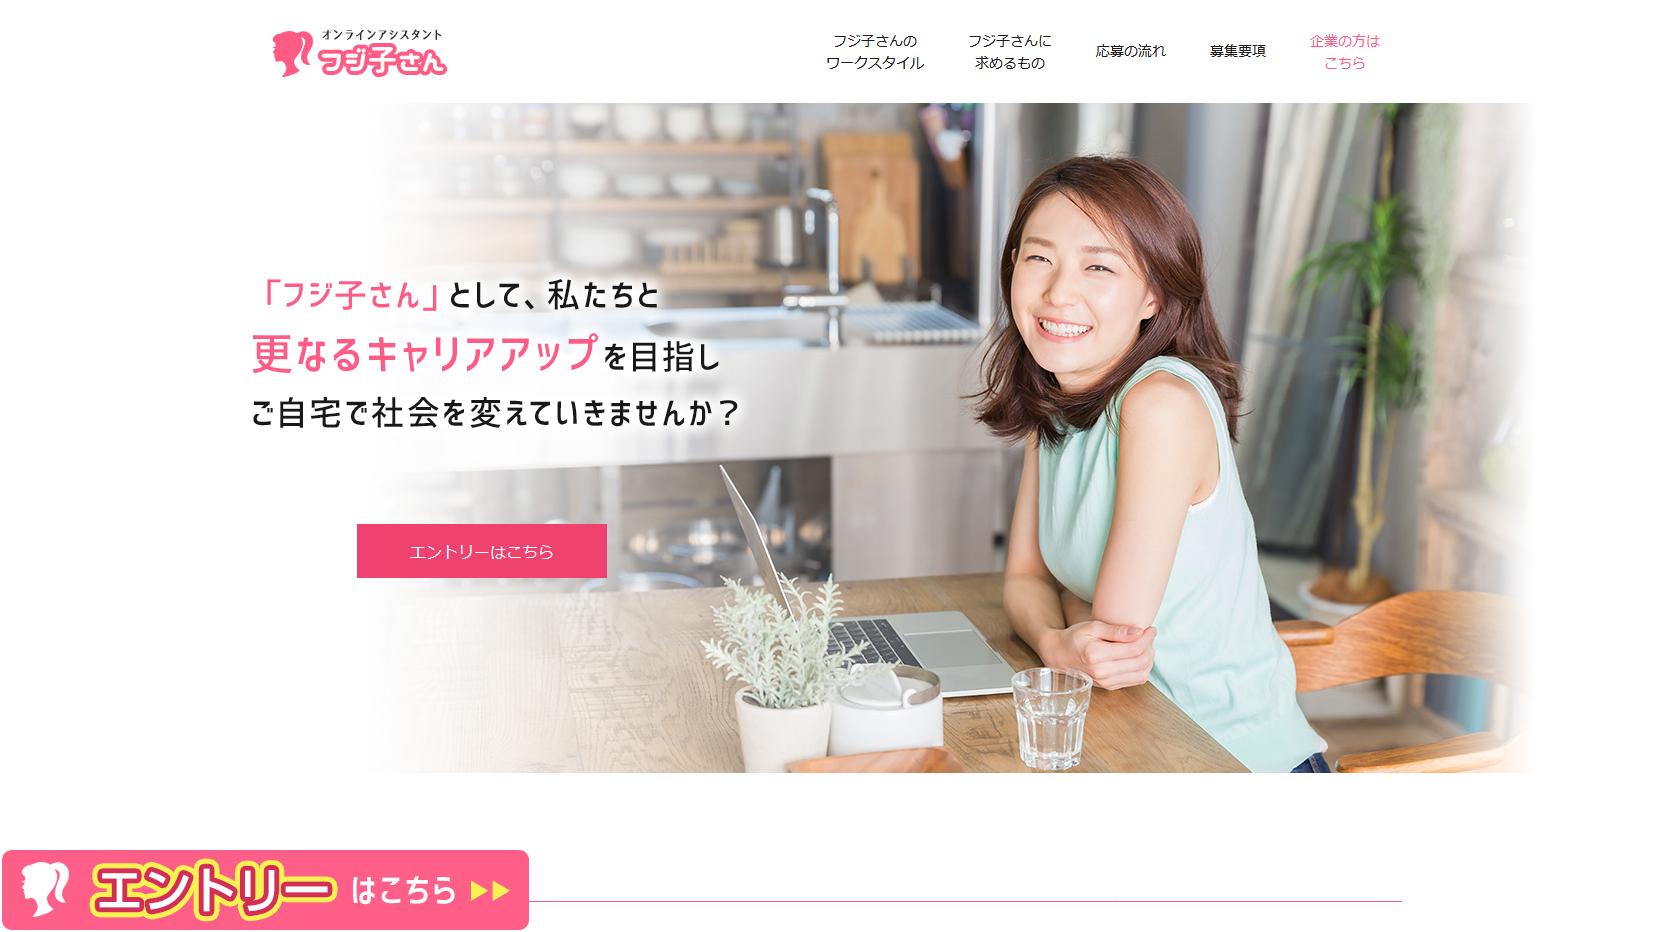 オンラインアシスタント「フジ子さん」 - 完全在宅で働くことができるオンラインアシスタント(一般事務)の採用情報です。